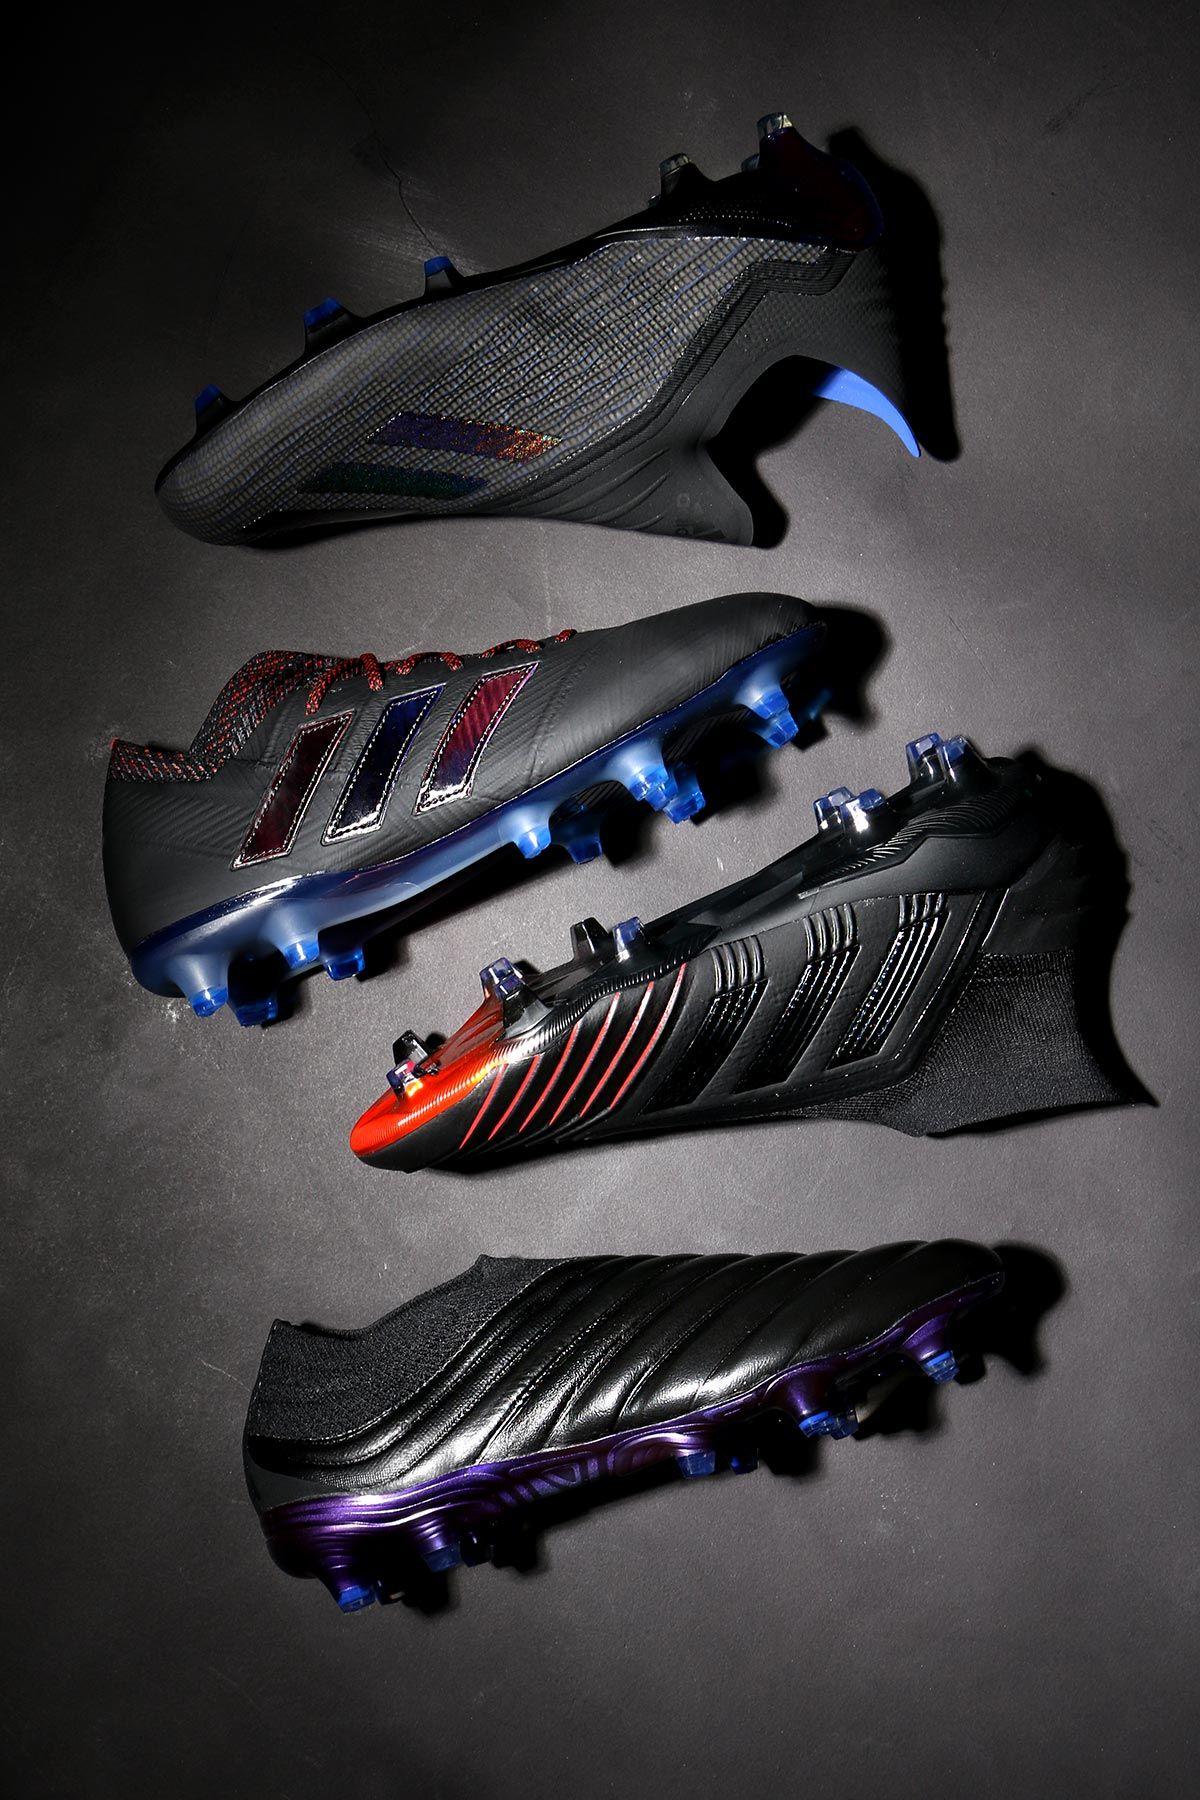 670626ee65d Nuevas botas de fútbol adidas Archetic Pack 2019 X, Nemeziz, Predator y  Copa. #futbolmania #archeticpack #adidasfootball Foto: Marcela Sansalvador  para ...